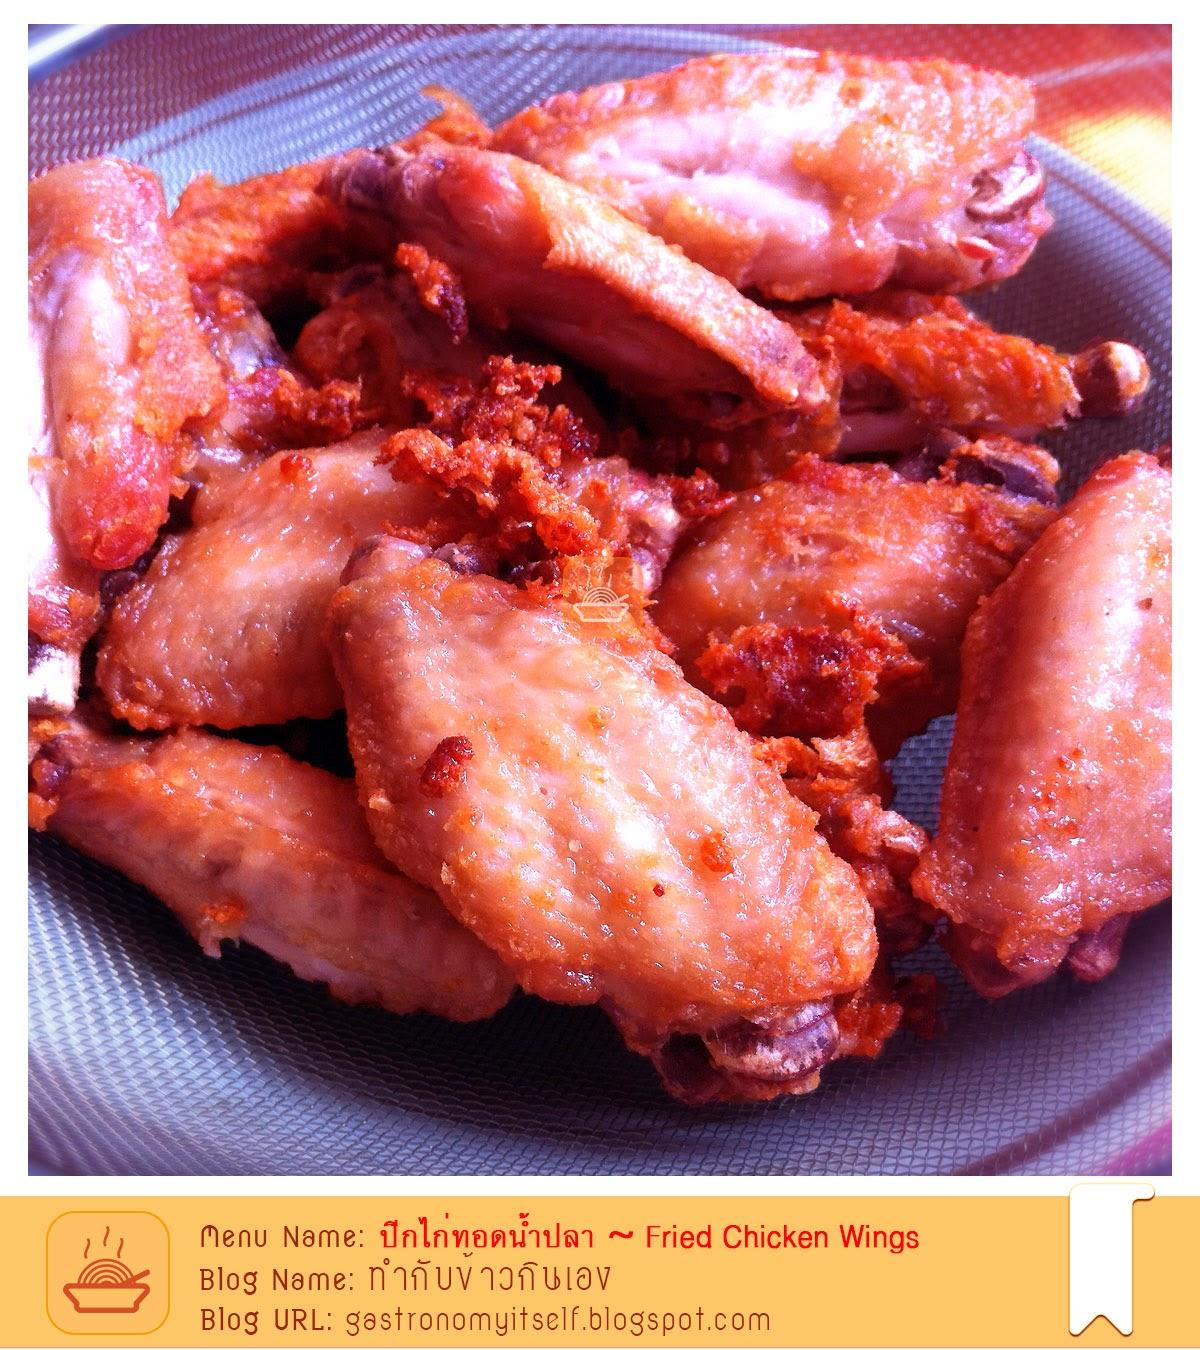 เมนูทำกับข้าวกินเอง ปีกไก่ทอดน้ำปลา (Fried Chicken Wings)